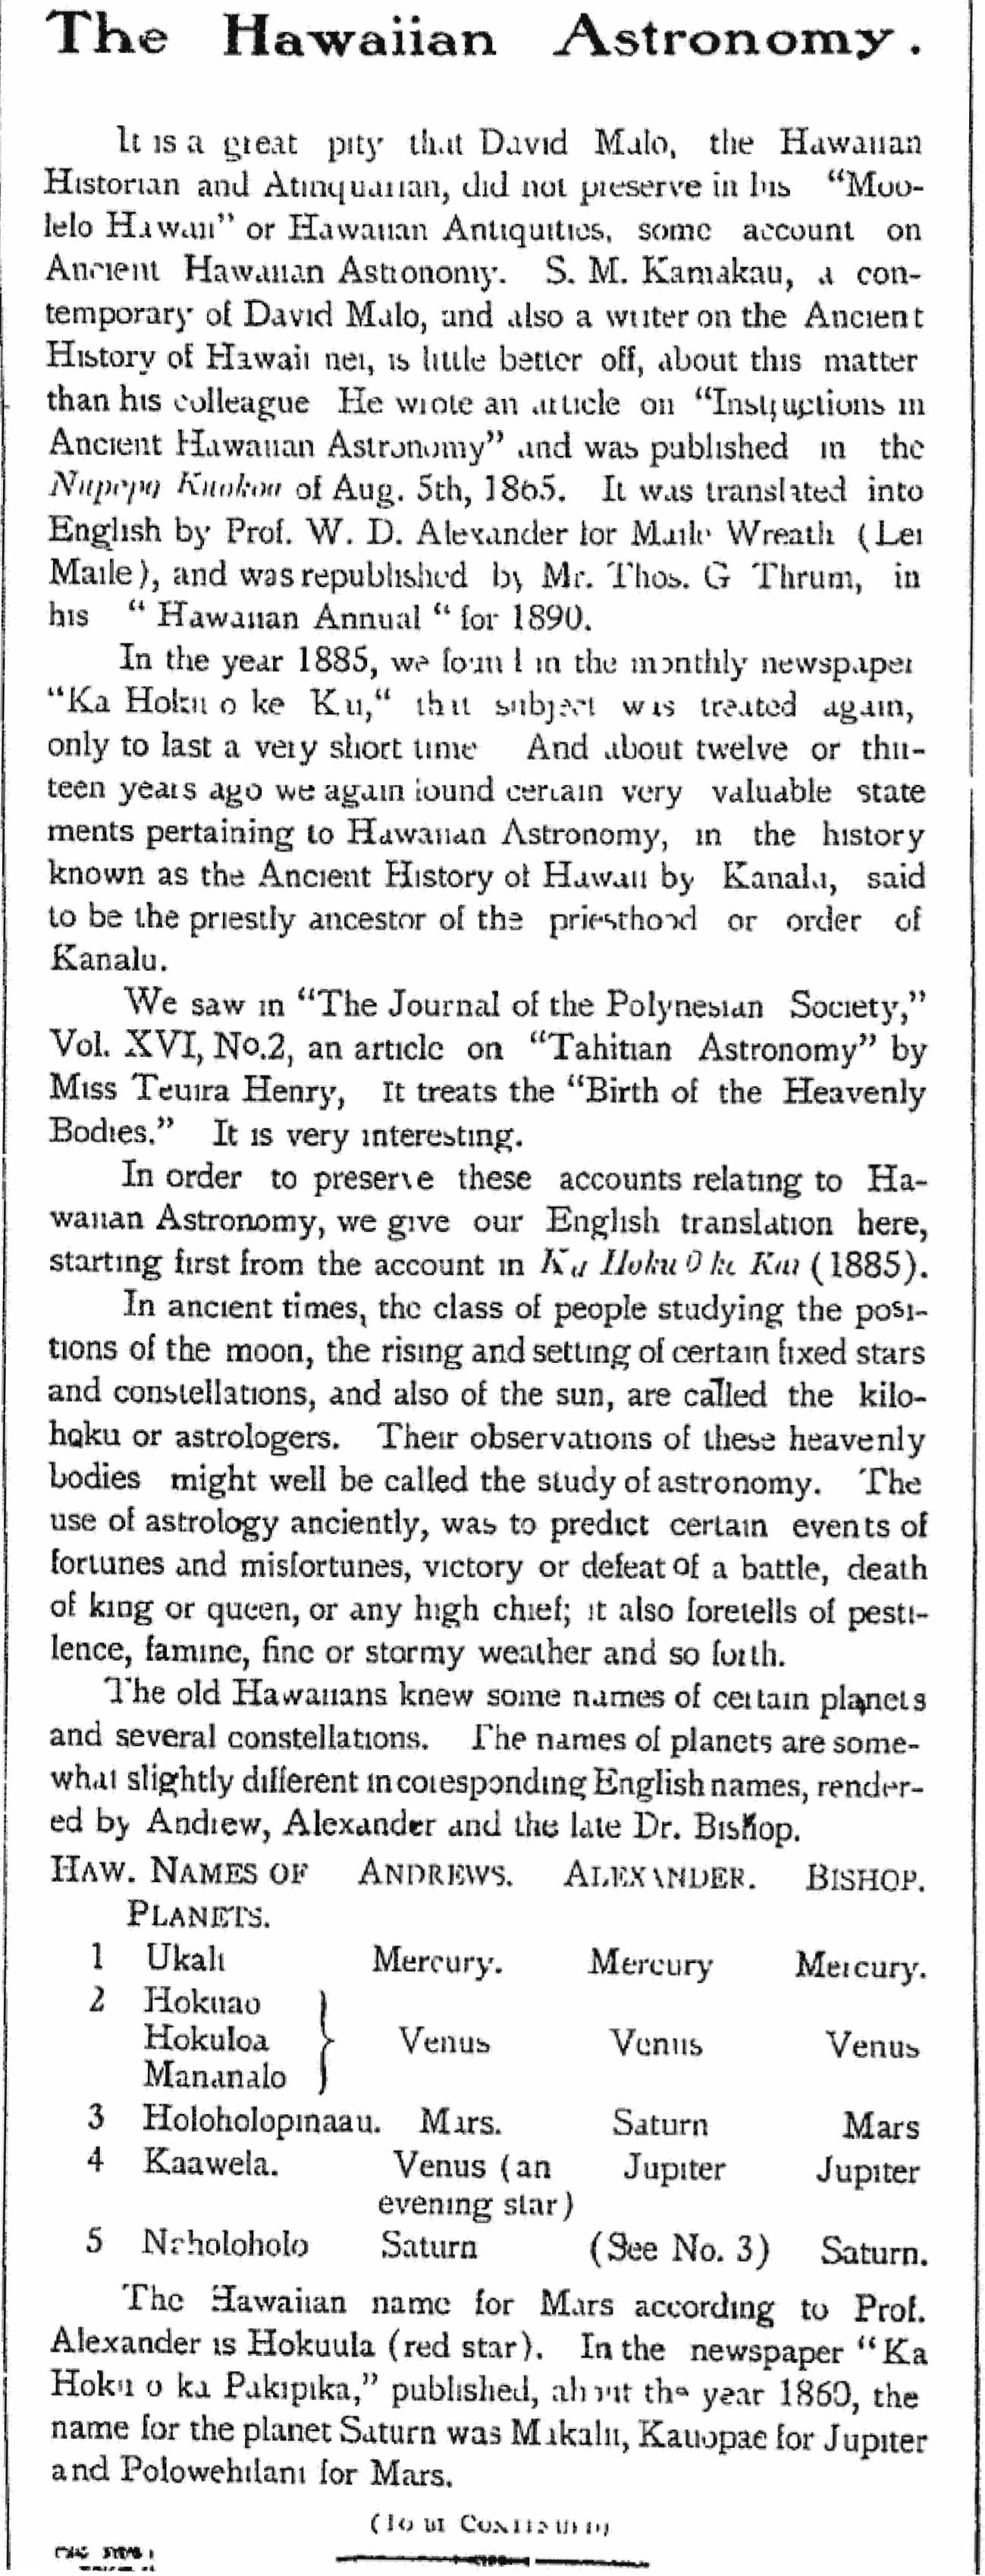 The Hawaiian Astronomy.